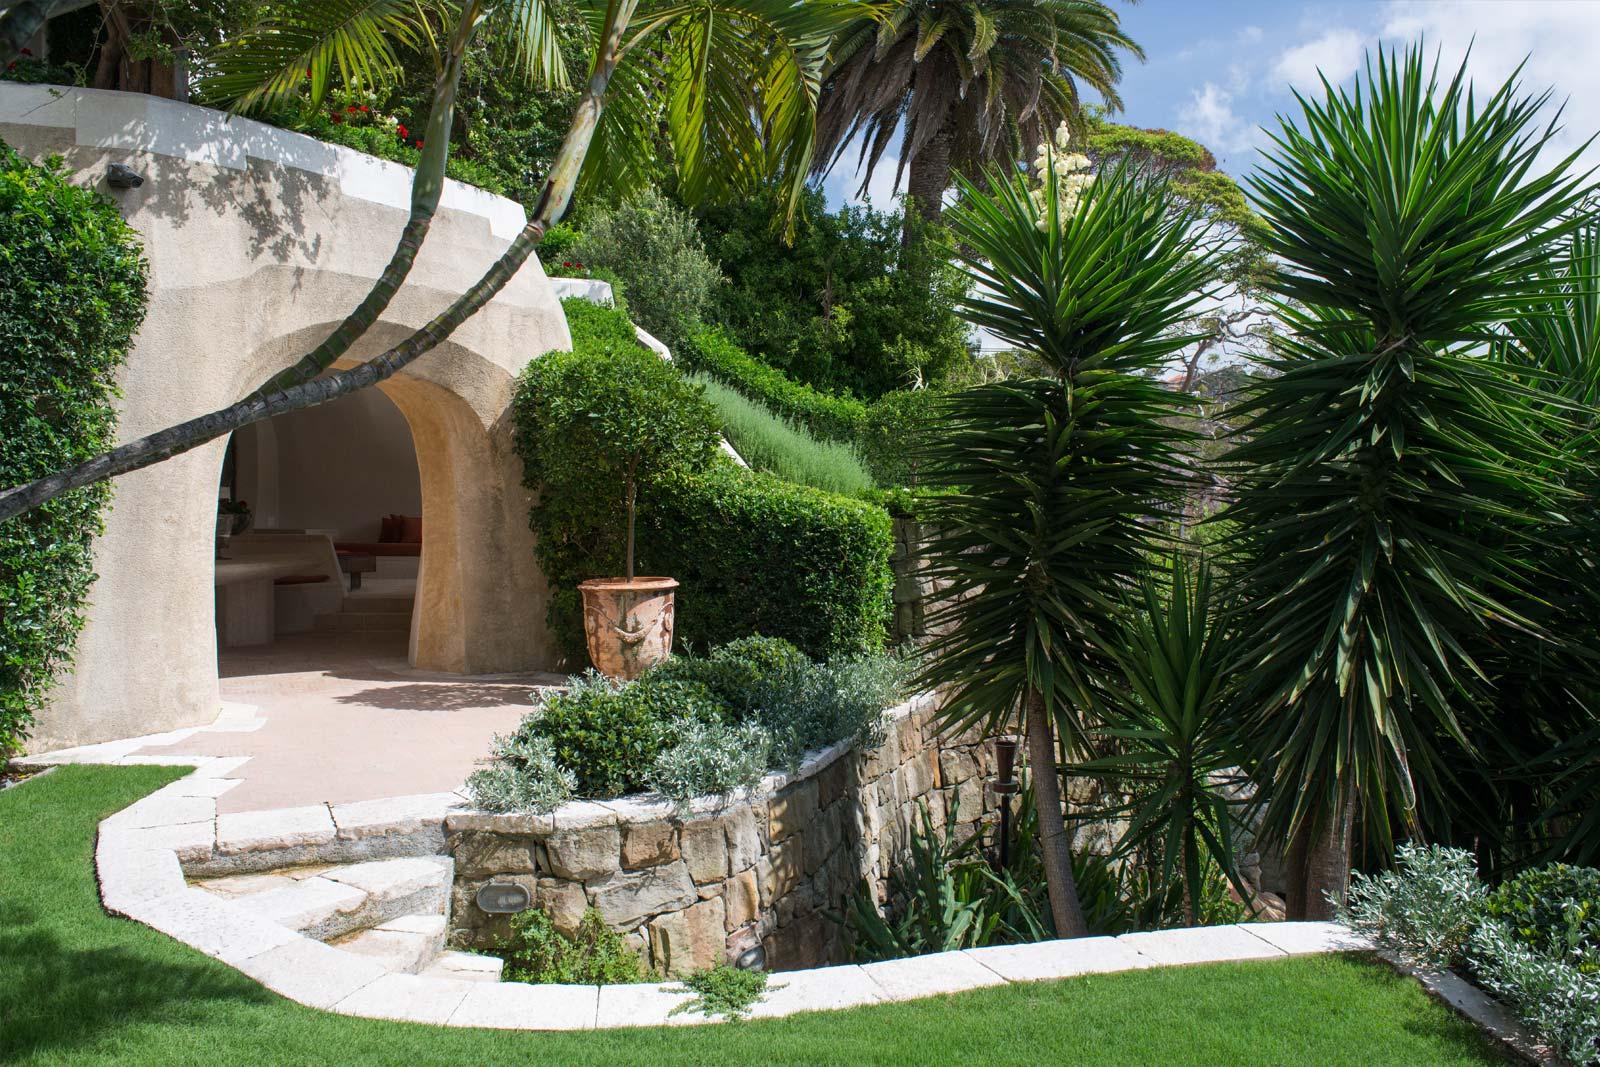 Esempio di progetto giardino mediterraneo i progetti di - Progetto giardino mediterraneo ...